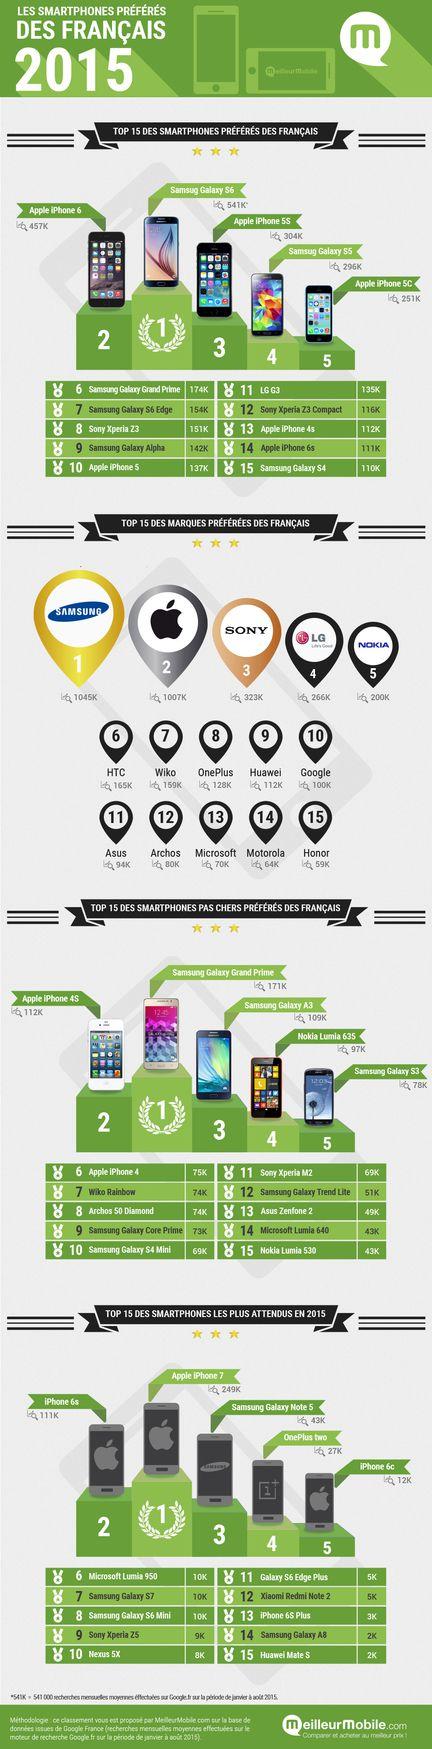 Infographie smartphones France 2015